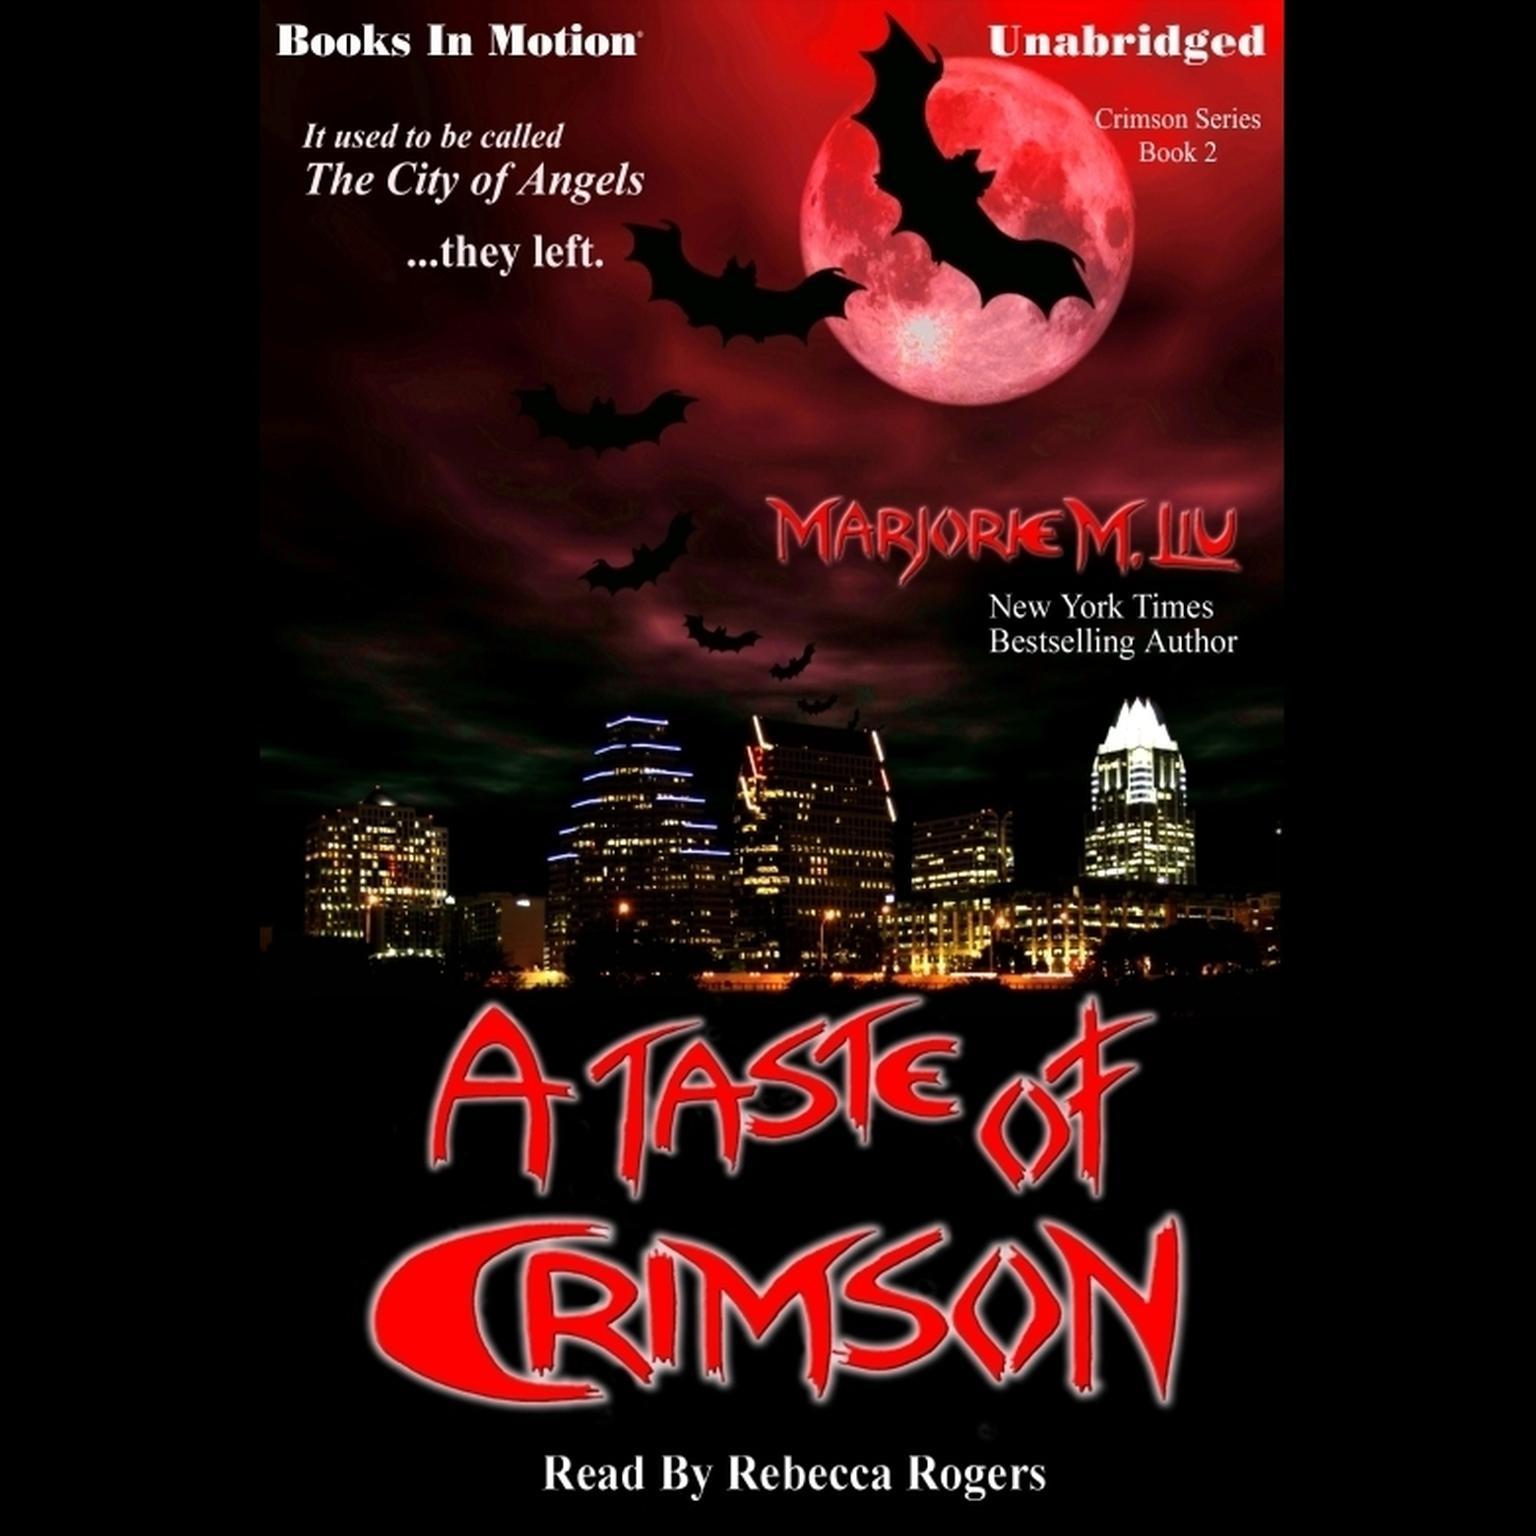 A Taste of Crimson Audiobook, by Marjorie M. Liu